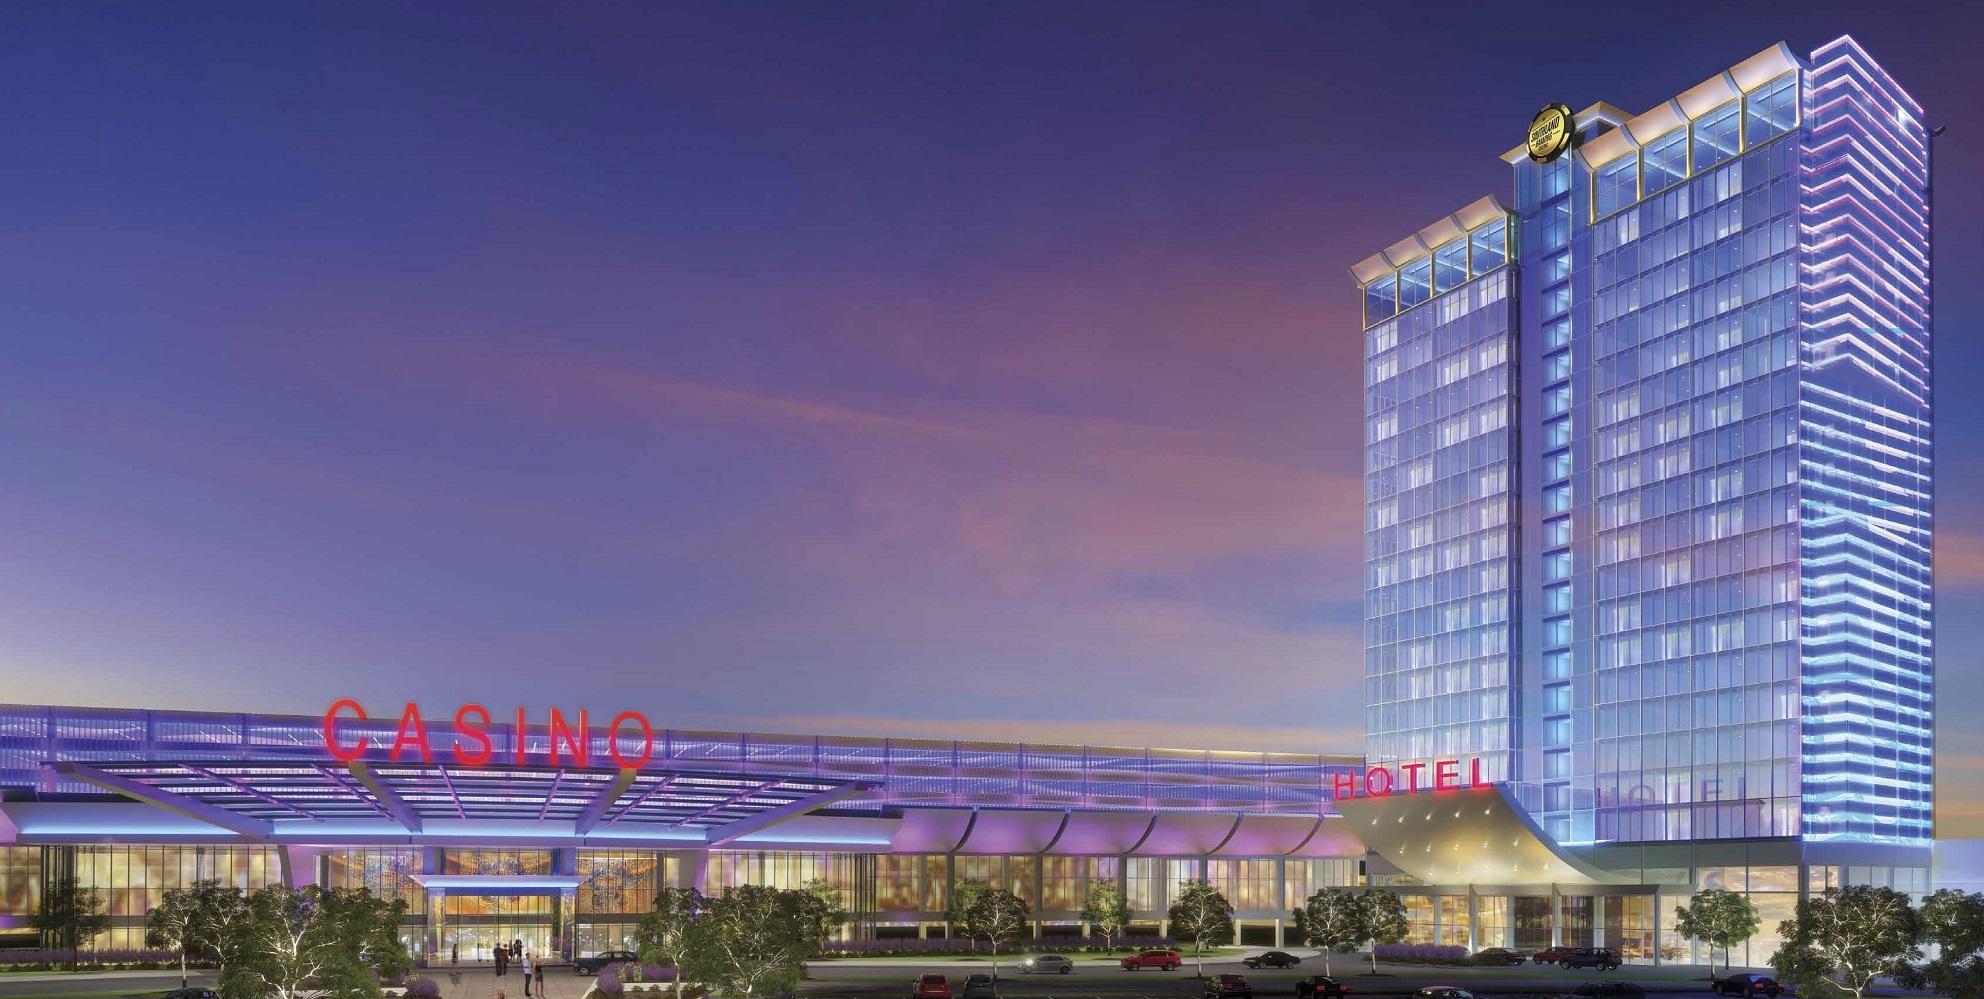 Arkansas Casinos